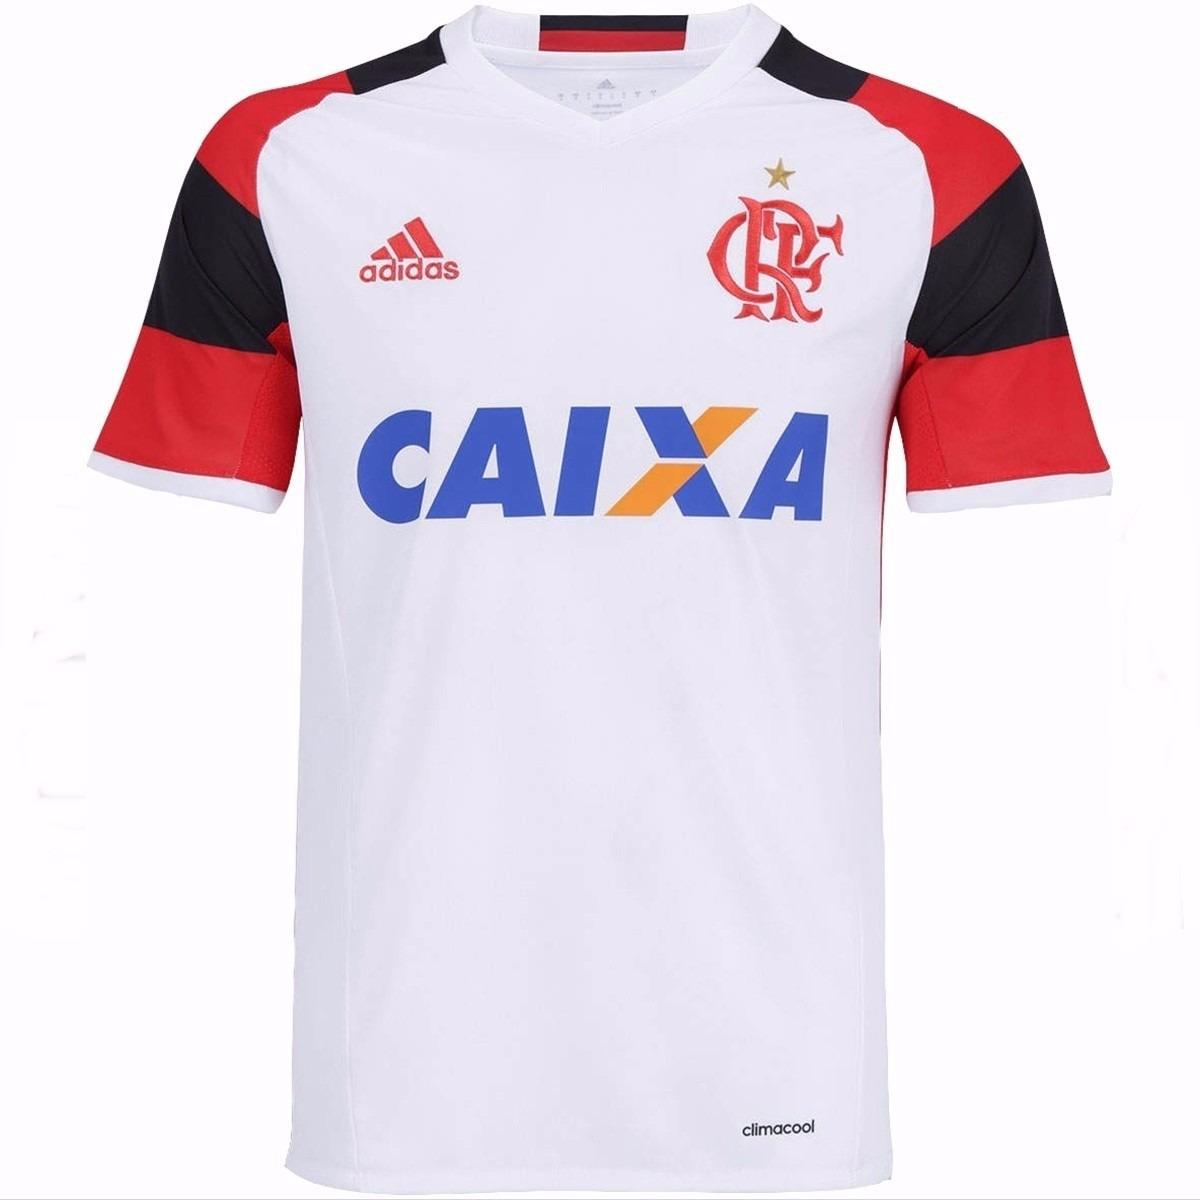 Camisa Do Flamengo Nova Lançamento Mengão Mengo Futebol Time - R  79 ... e32f8fd5d43f1